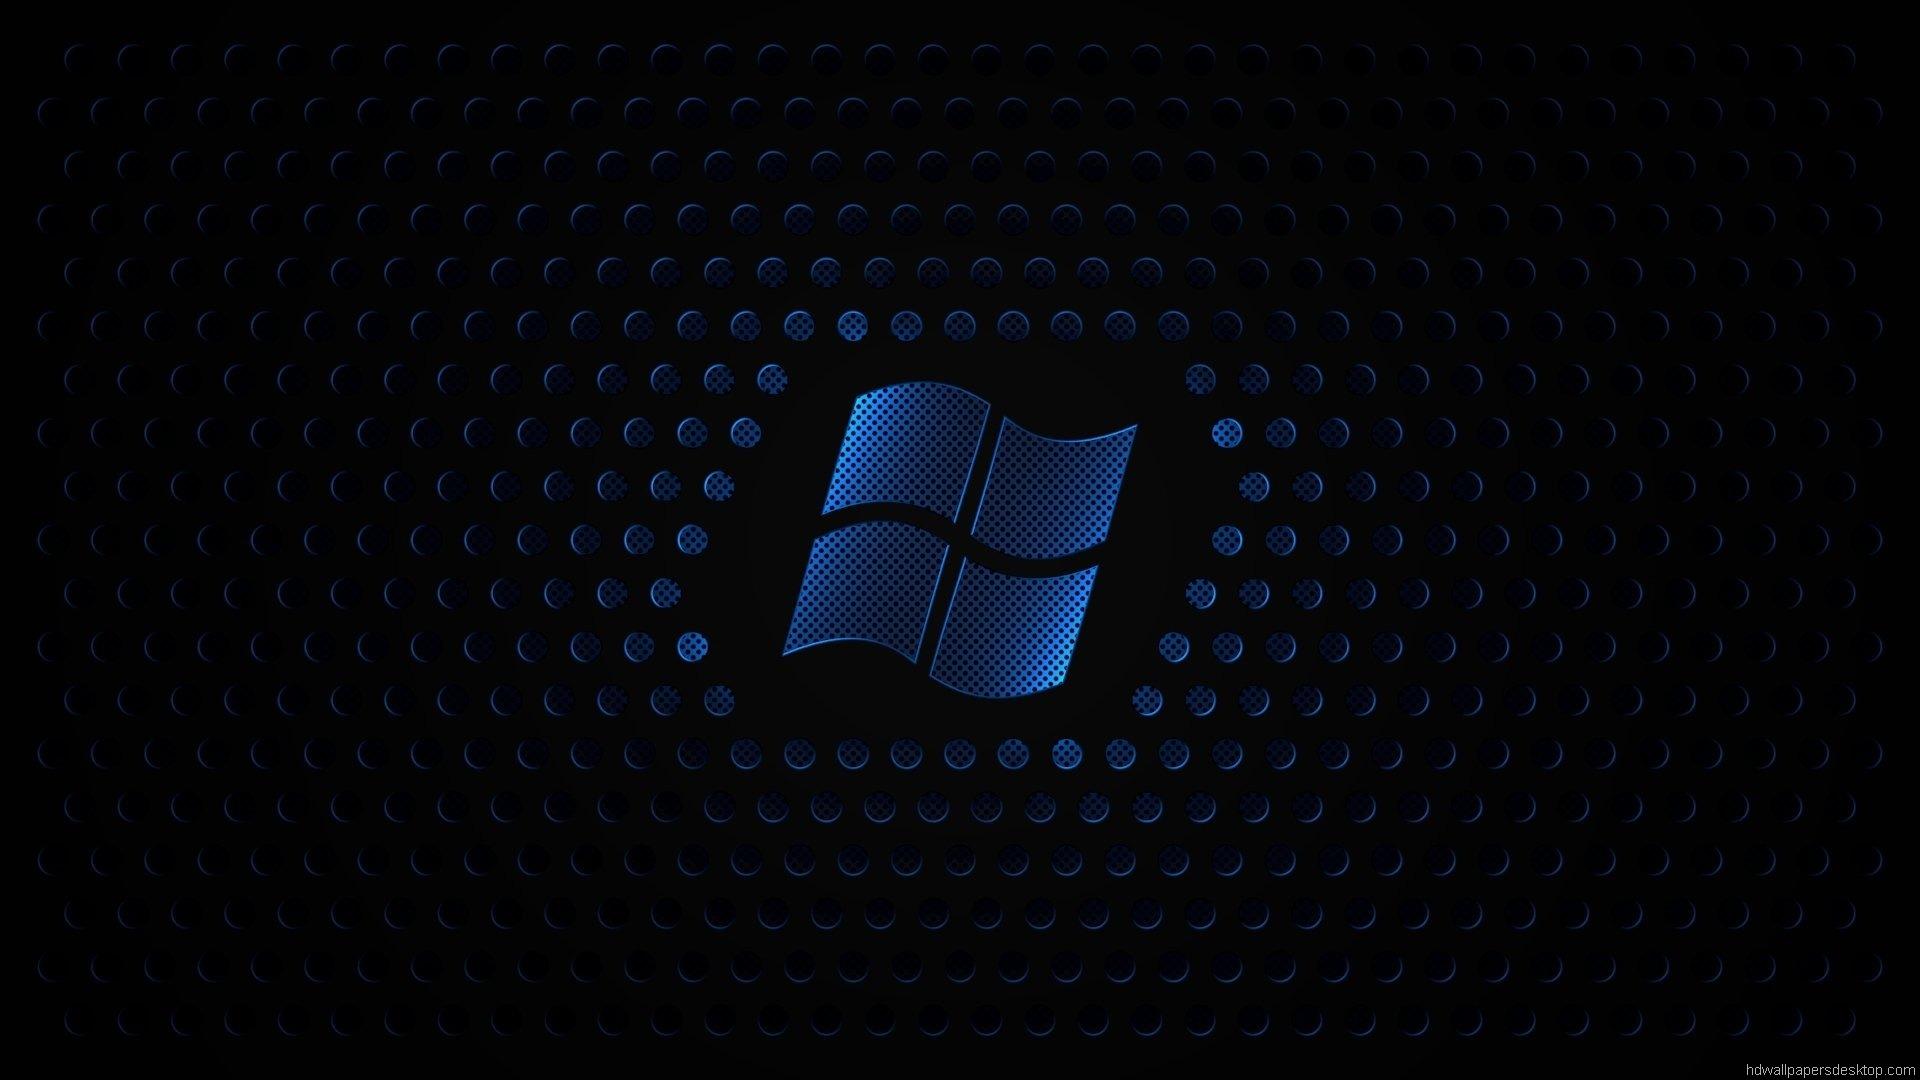 HD Wallpapers fullscreen widescreen desktop background Wallpaper 1920x1080